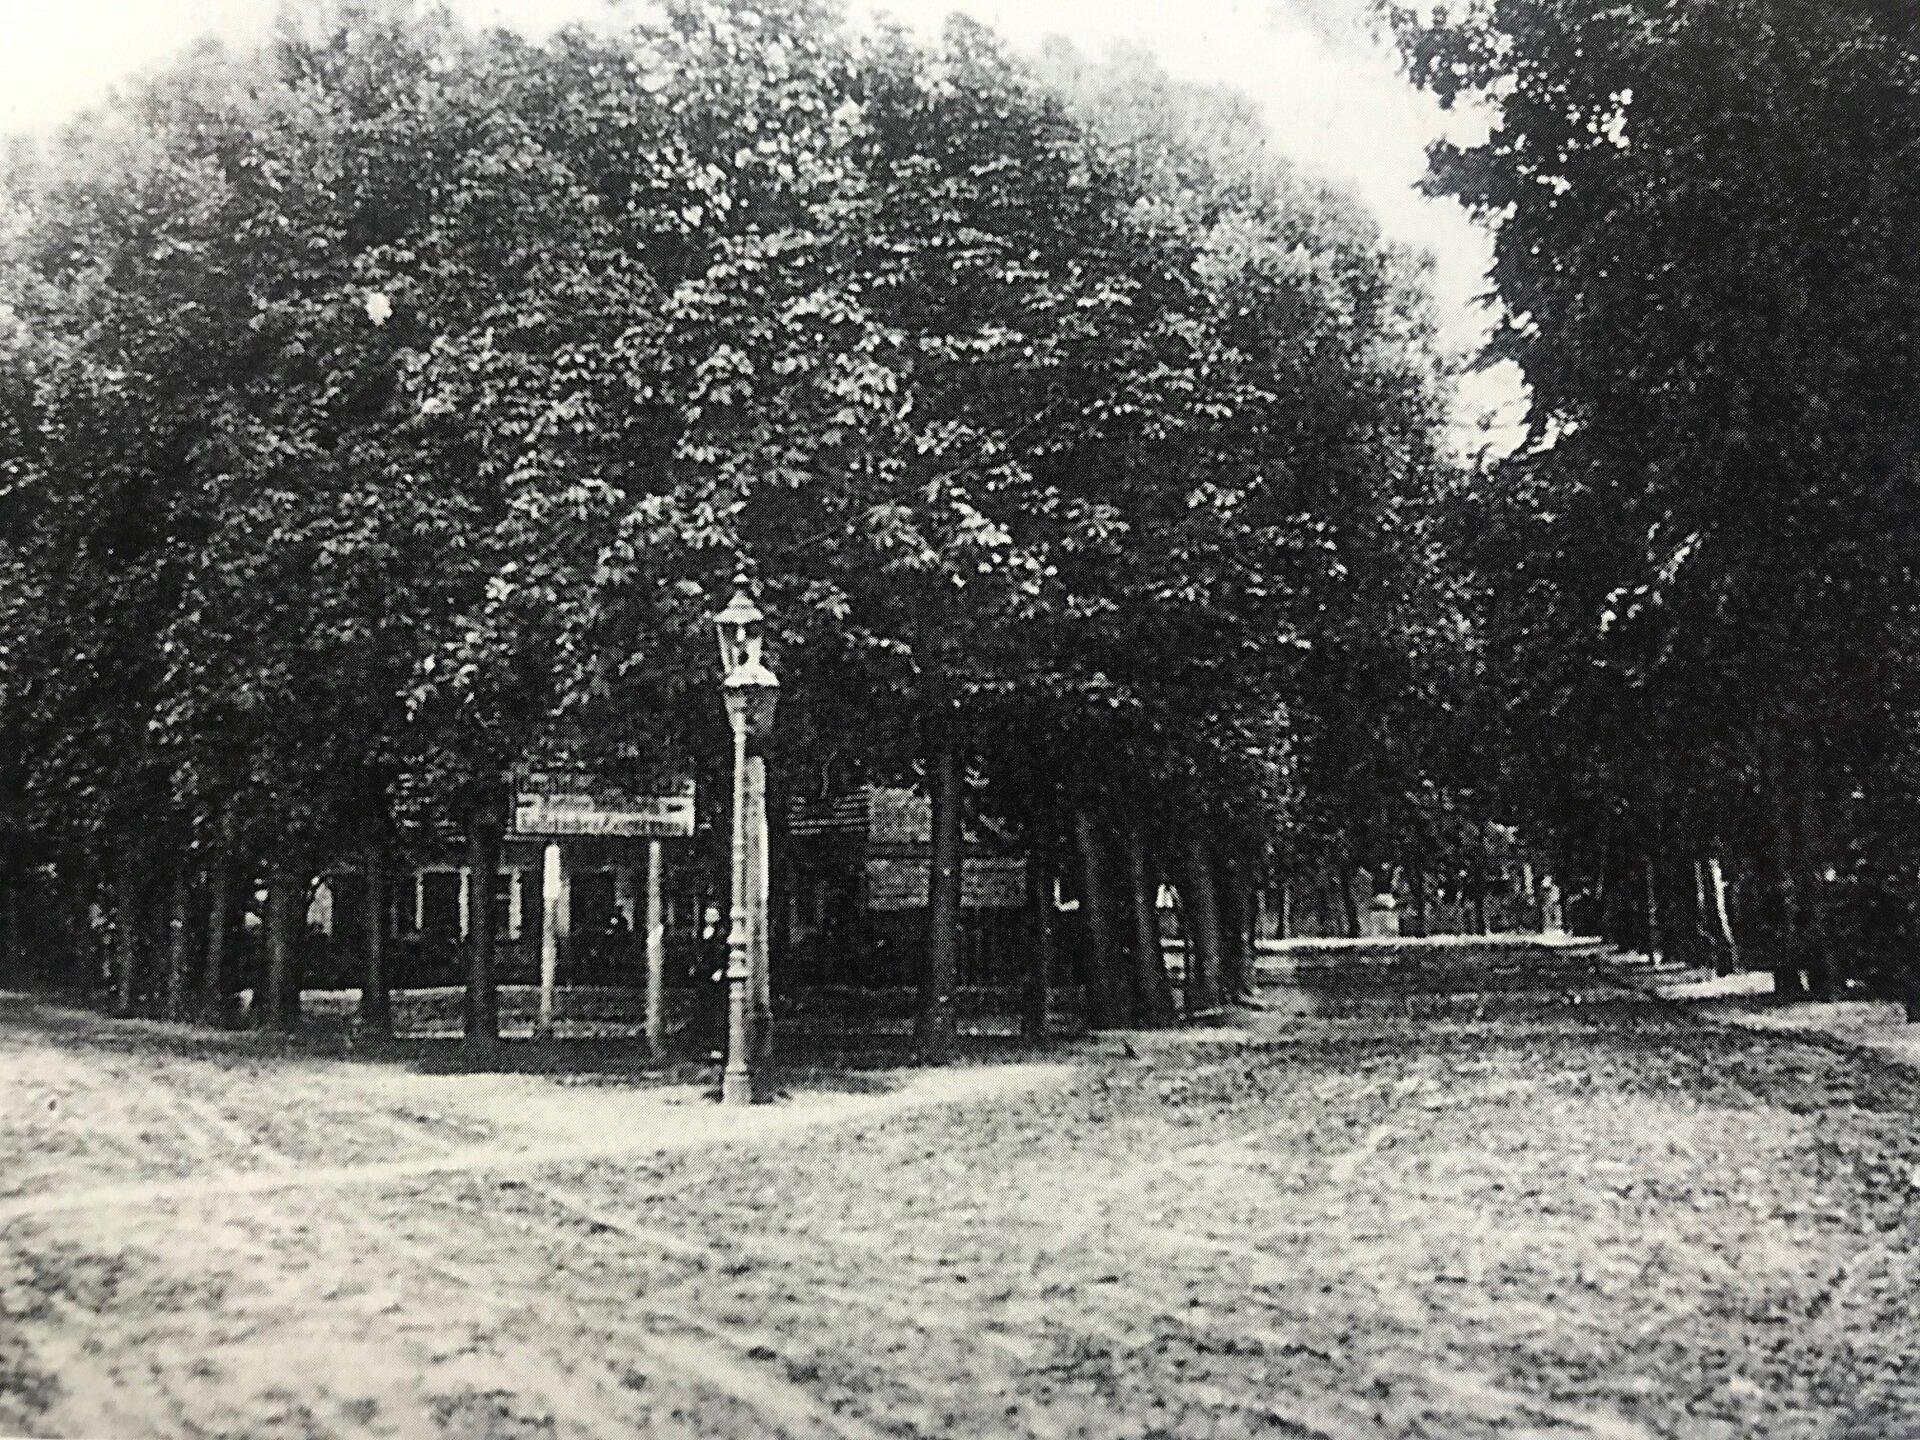 Unser Bild zeigt die Falkenhagener Straße/Ecke Wilhelmstraße, die heutige Freimuthstraße (Quelle: Museum und Galerie Falkensee).